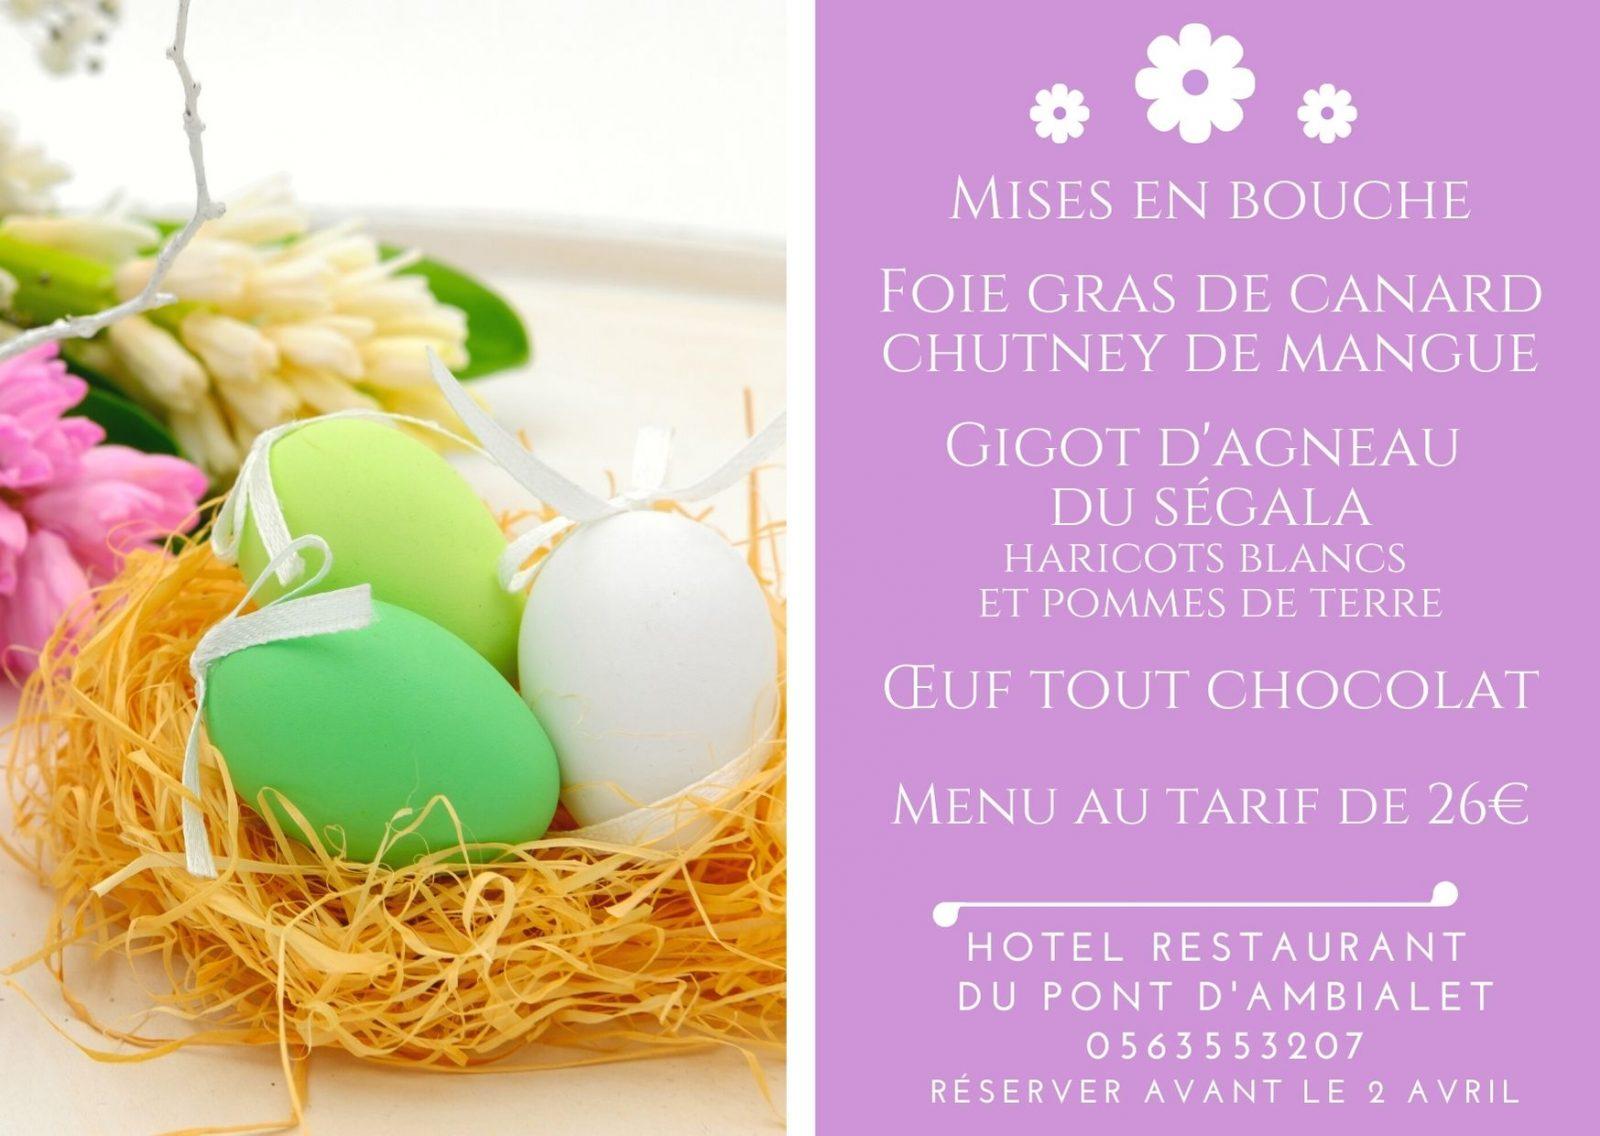 Restaurant de l'Hôtel du Pont